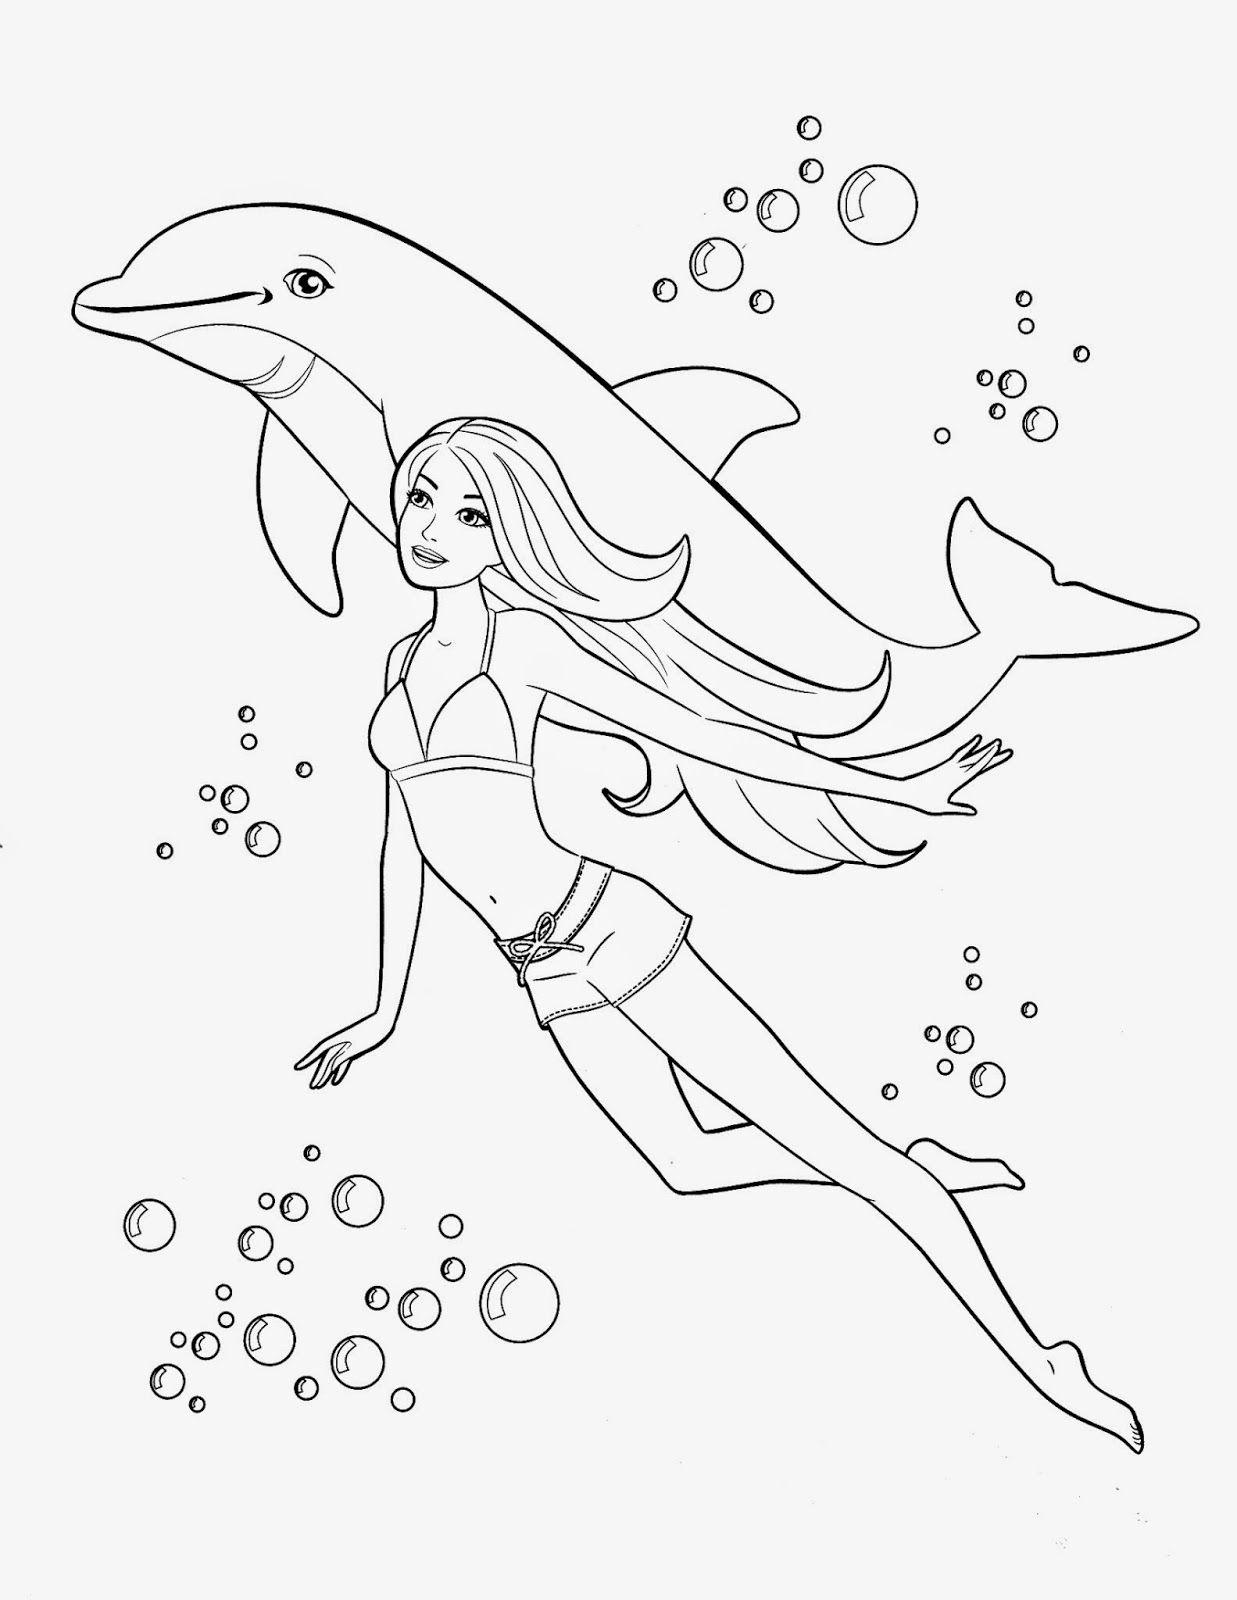 Bauzinho Da Web Bau Da Web Desenhos Lindos E Riscos Da Barbie Para Colorir Pintar Impr Barbie Coloring Pages Dolphin Coloring Pages Princess Coloring Pages